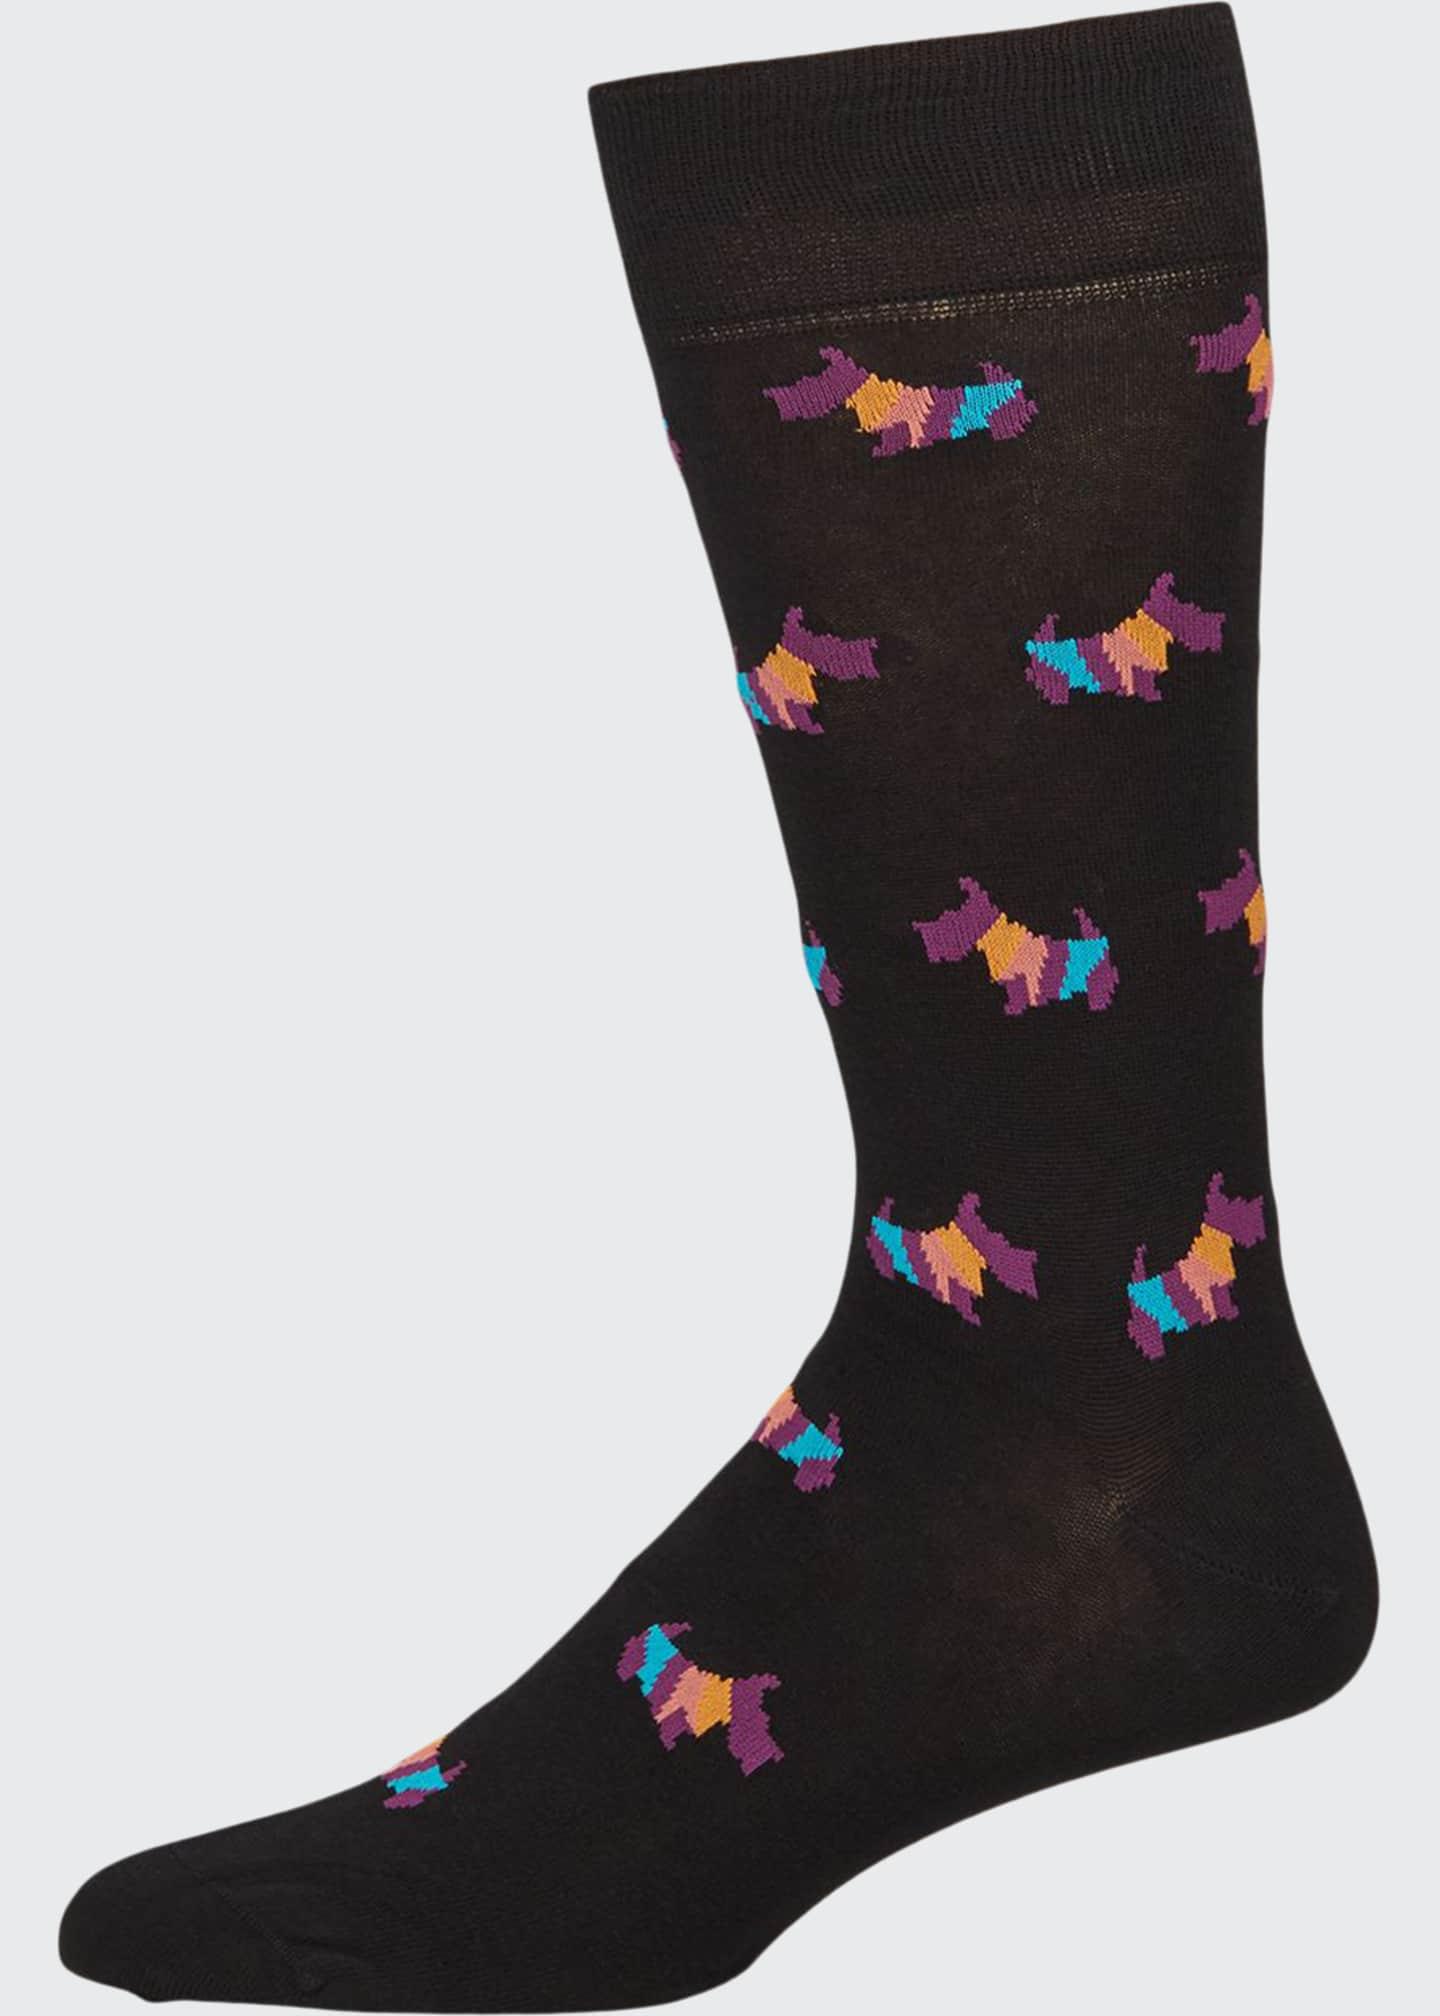 Paul Smith Men's Artist Dog Graphic Socks